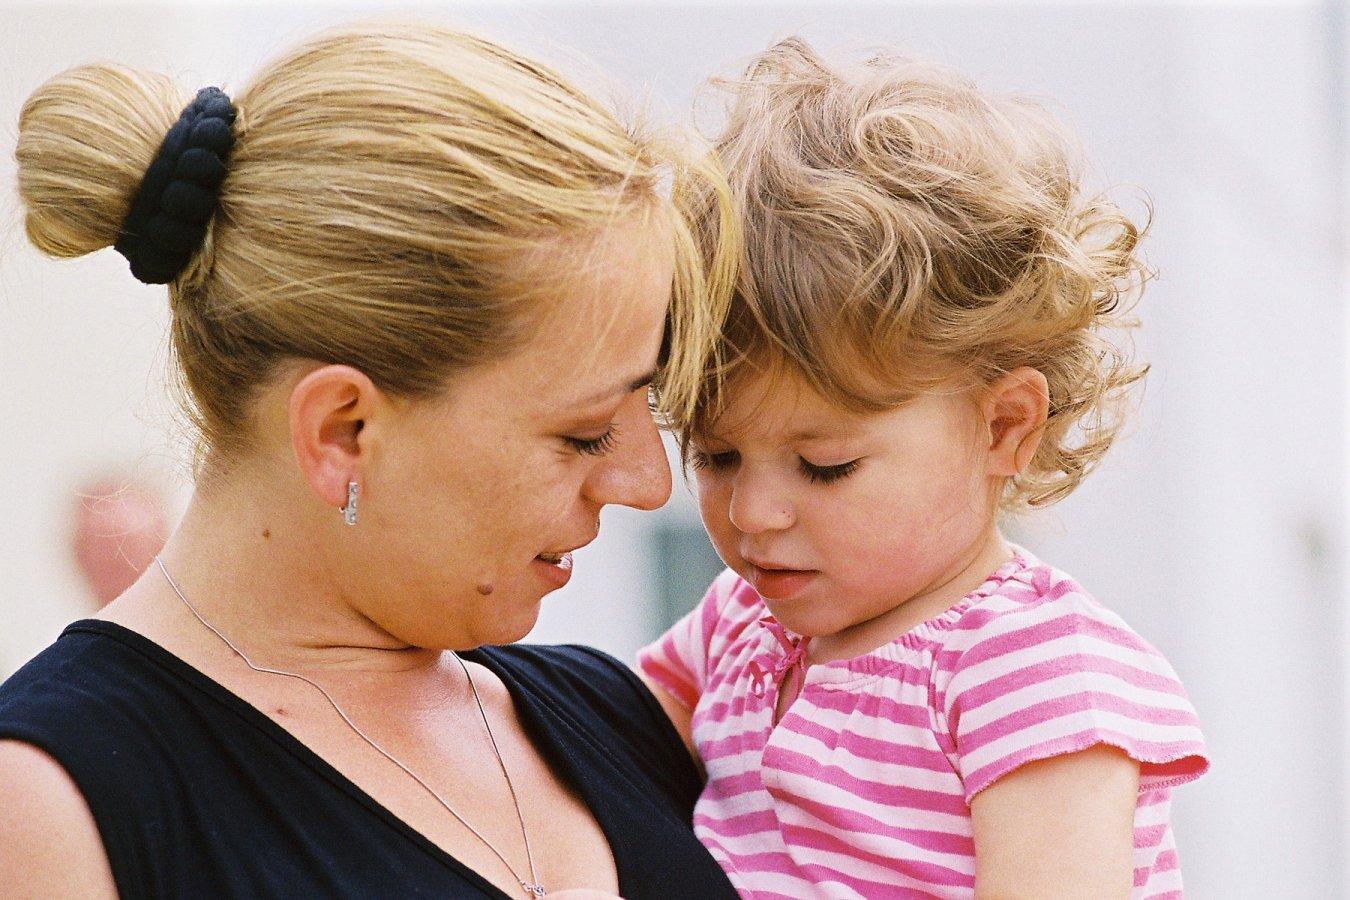 Bouw mee aan families in België en steun kinderen vlak bij jou